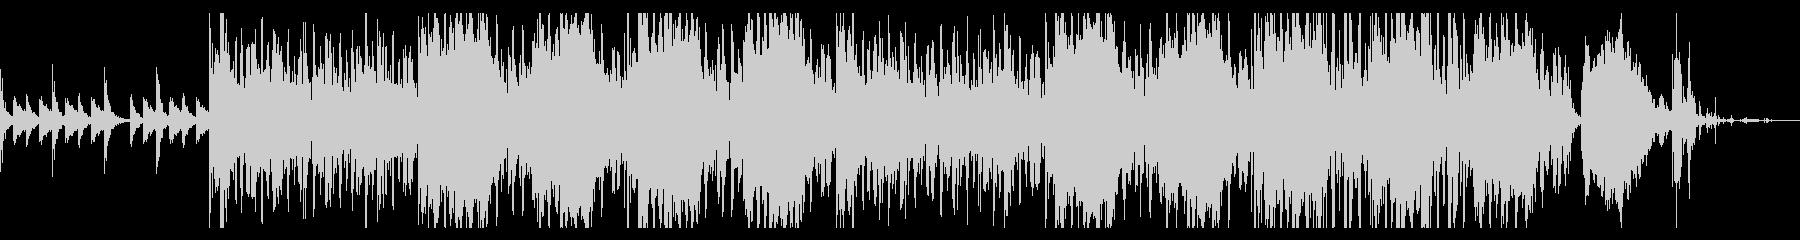 サスペンシブなトリップテクスチャの未再生の波形